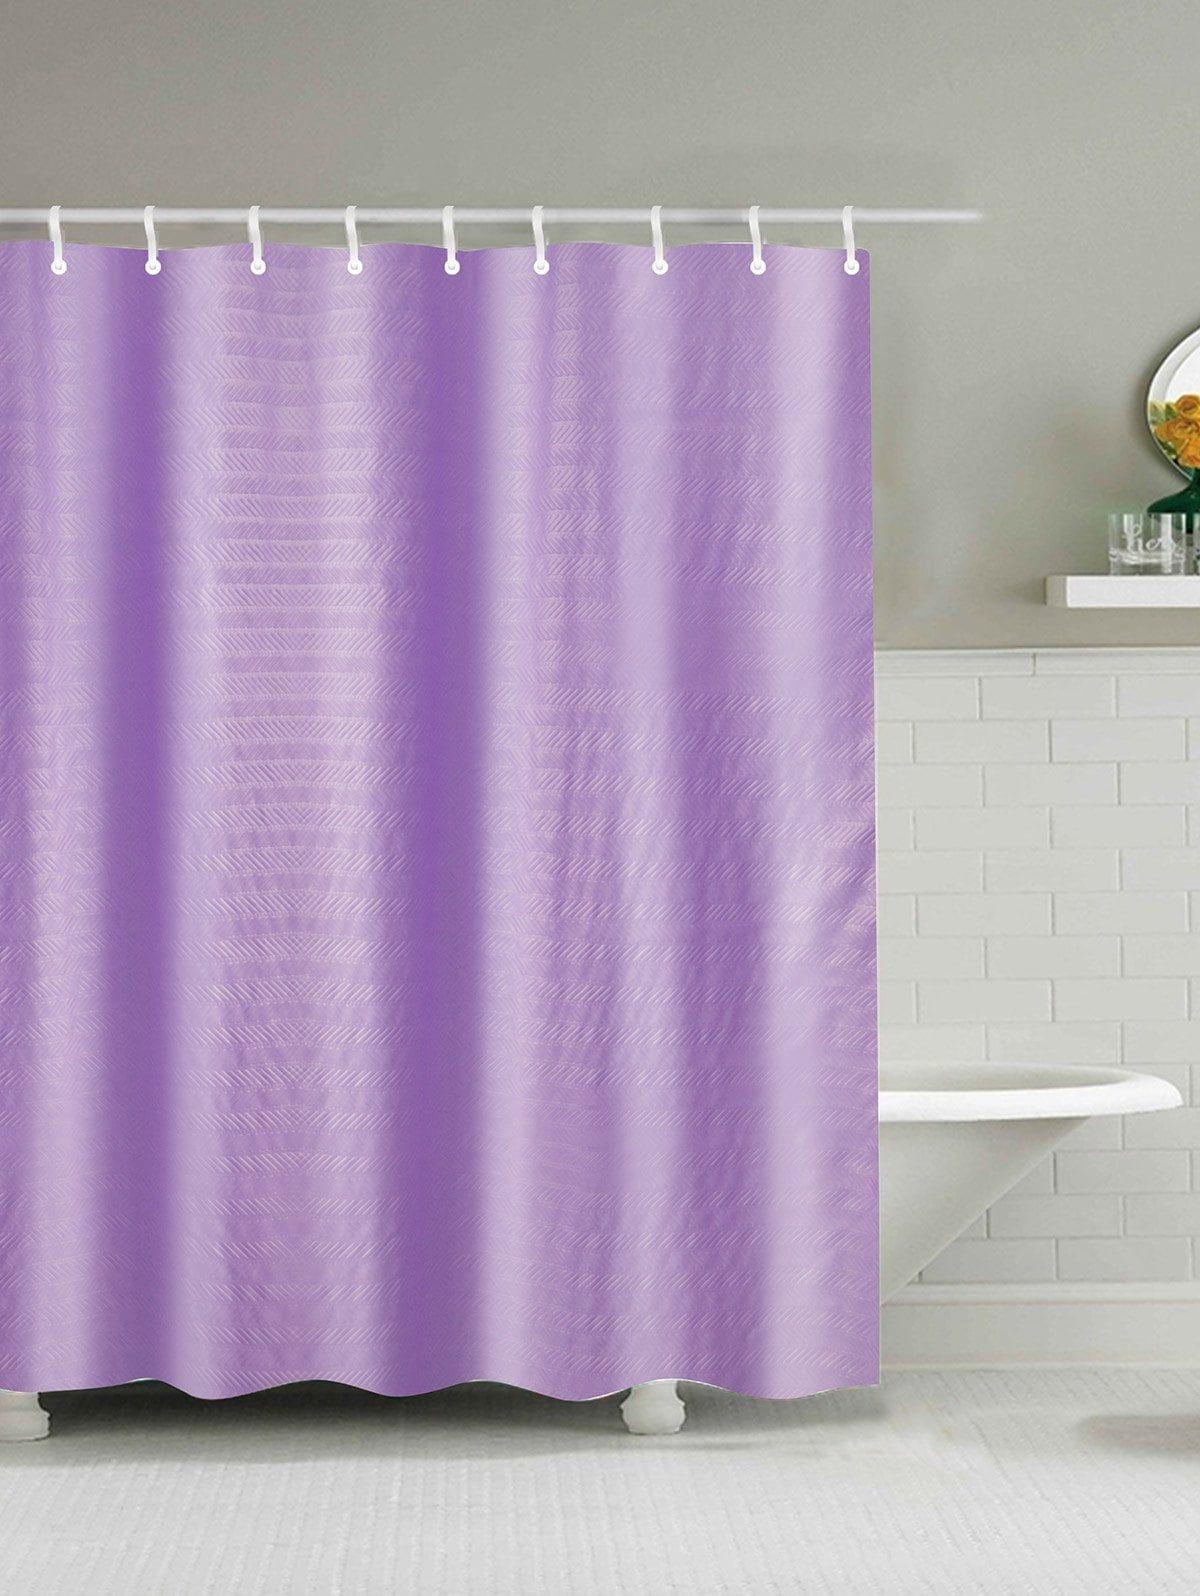 Cross Grain Polyester Waterproof Shower Curtain Cheap Shower